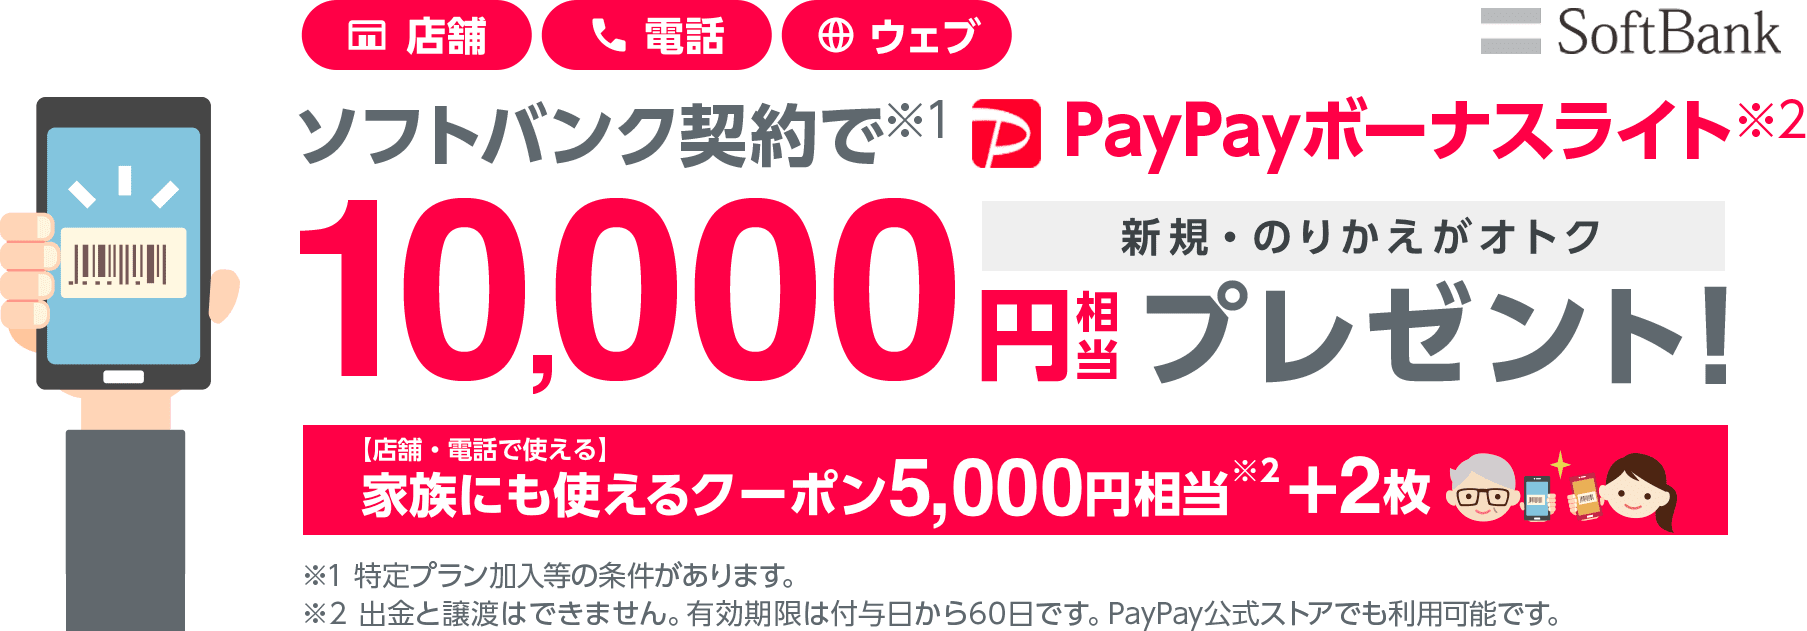 SoftBank 店舗・電話・ウェブ ソフトバンク契約で(※1)PayPayボーナスライト(※2)10,000円相当プレゼント! 新規やのりかえがオトク[店舗・電話で使える]家族にも使えるクーポン5,000円相当(※2)+2枚 ※1特定プラン加入等の条件があります。※2出金と譲渡はできません。有効期限は付与日から60日です。PayPay公式ストアでも利用可能です。